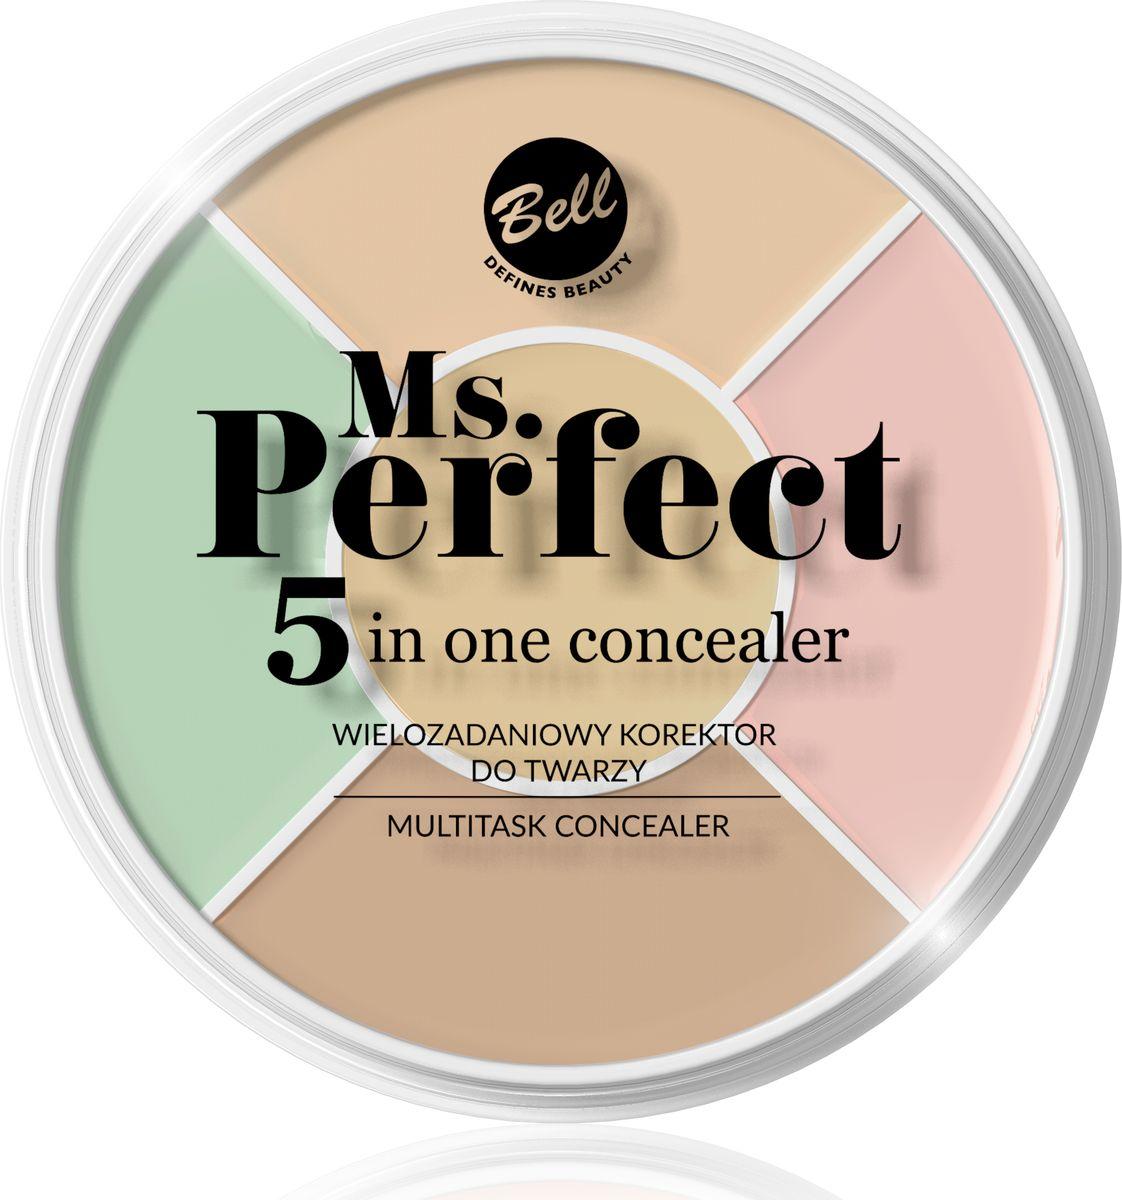 Bell Многофункциональный Корректор Для Лица Ms.perfect 5inone ConcealerSatin Hair 7 BR730MNКаждый из пяти цветов имеет другую функцию: Зеленый - скрывает покраснения и лопнувшие капилляры. Нанесите его в местах, склонных к раздражениям и покраснениям. Используйте под флюид. Розовый - осветляет, оптически разглаживает, придает эффект отдохнувших глаз. Нанесите в местах, где кожа выглядит серой и уставшей. Если у вас светлая кожа, можете скрыть ним синяки под глазами. Используйте под флюид. Бежевые оттенки - скрывают несовершенства кожи. Можете его использовать как под флюид, так и после его нанесения, если хотите получить более сильный кроющий эффект. Чтобы подобрать цвет к оттенку кожи, можете смешивать их между собой. Желтый - интенсивно осветляет и скрывает синяки под глазами. Можете также использовать его в местах, где кожа синего или фиолетового оттенка.